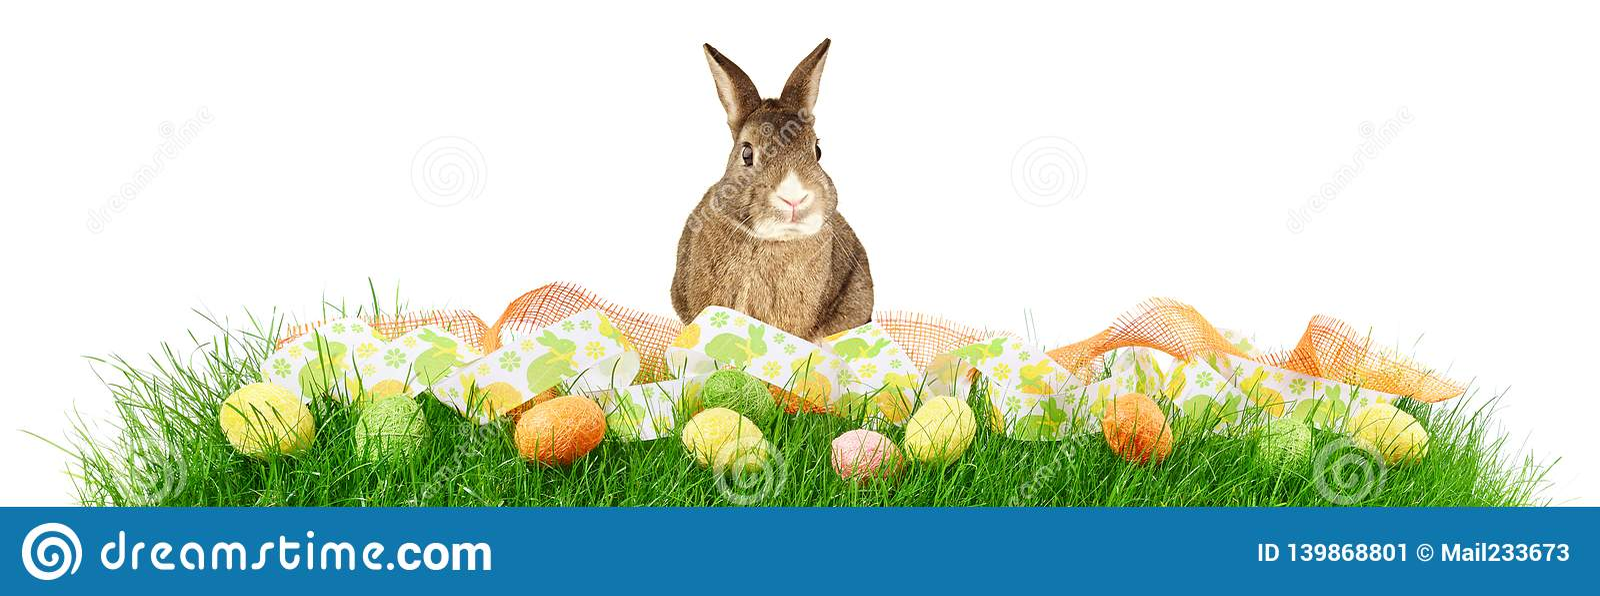 Панорама травы с пасхальными яйцами и кроликом на белой предпосылке